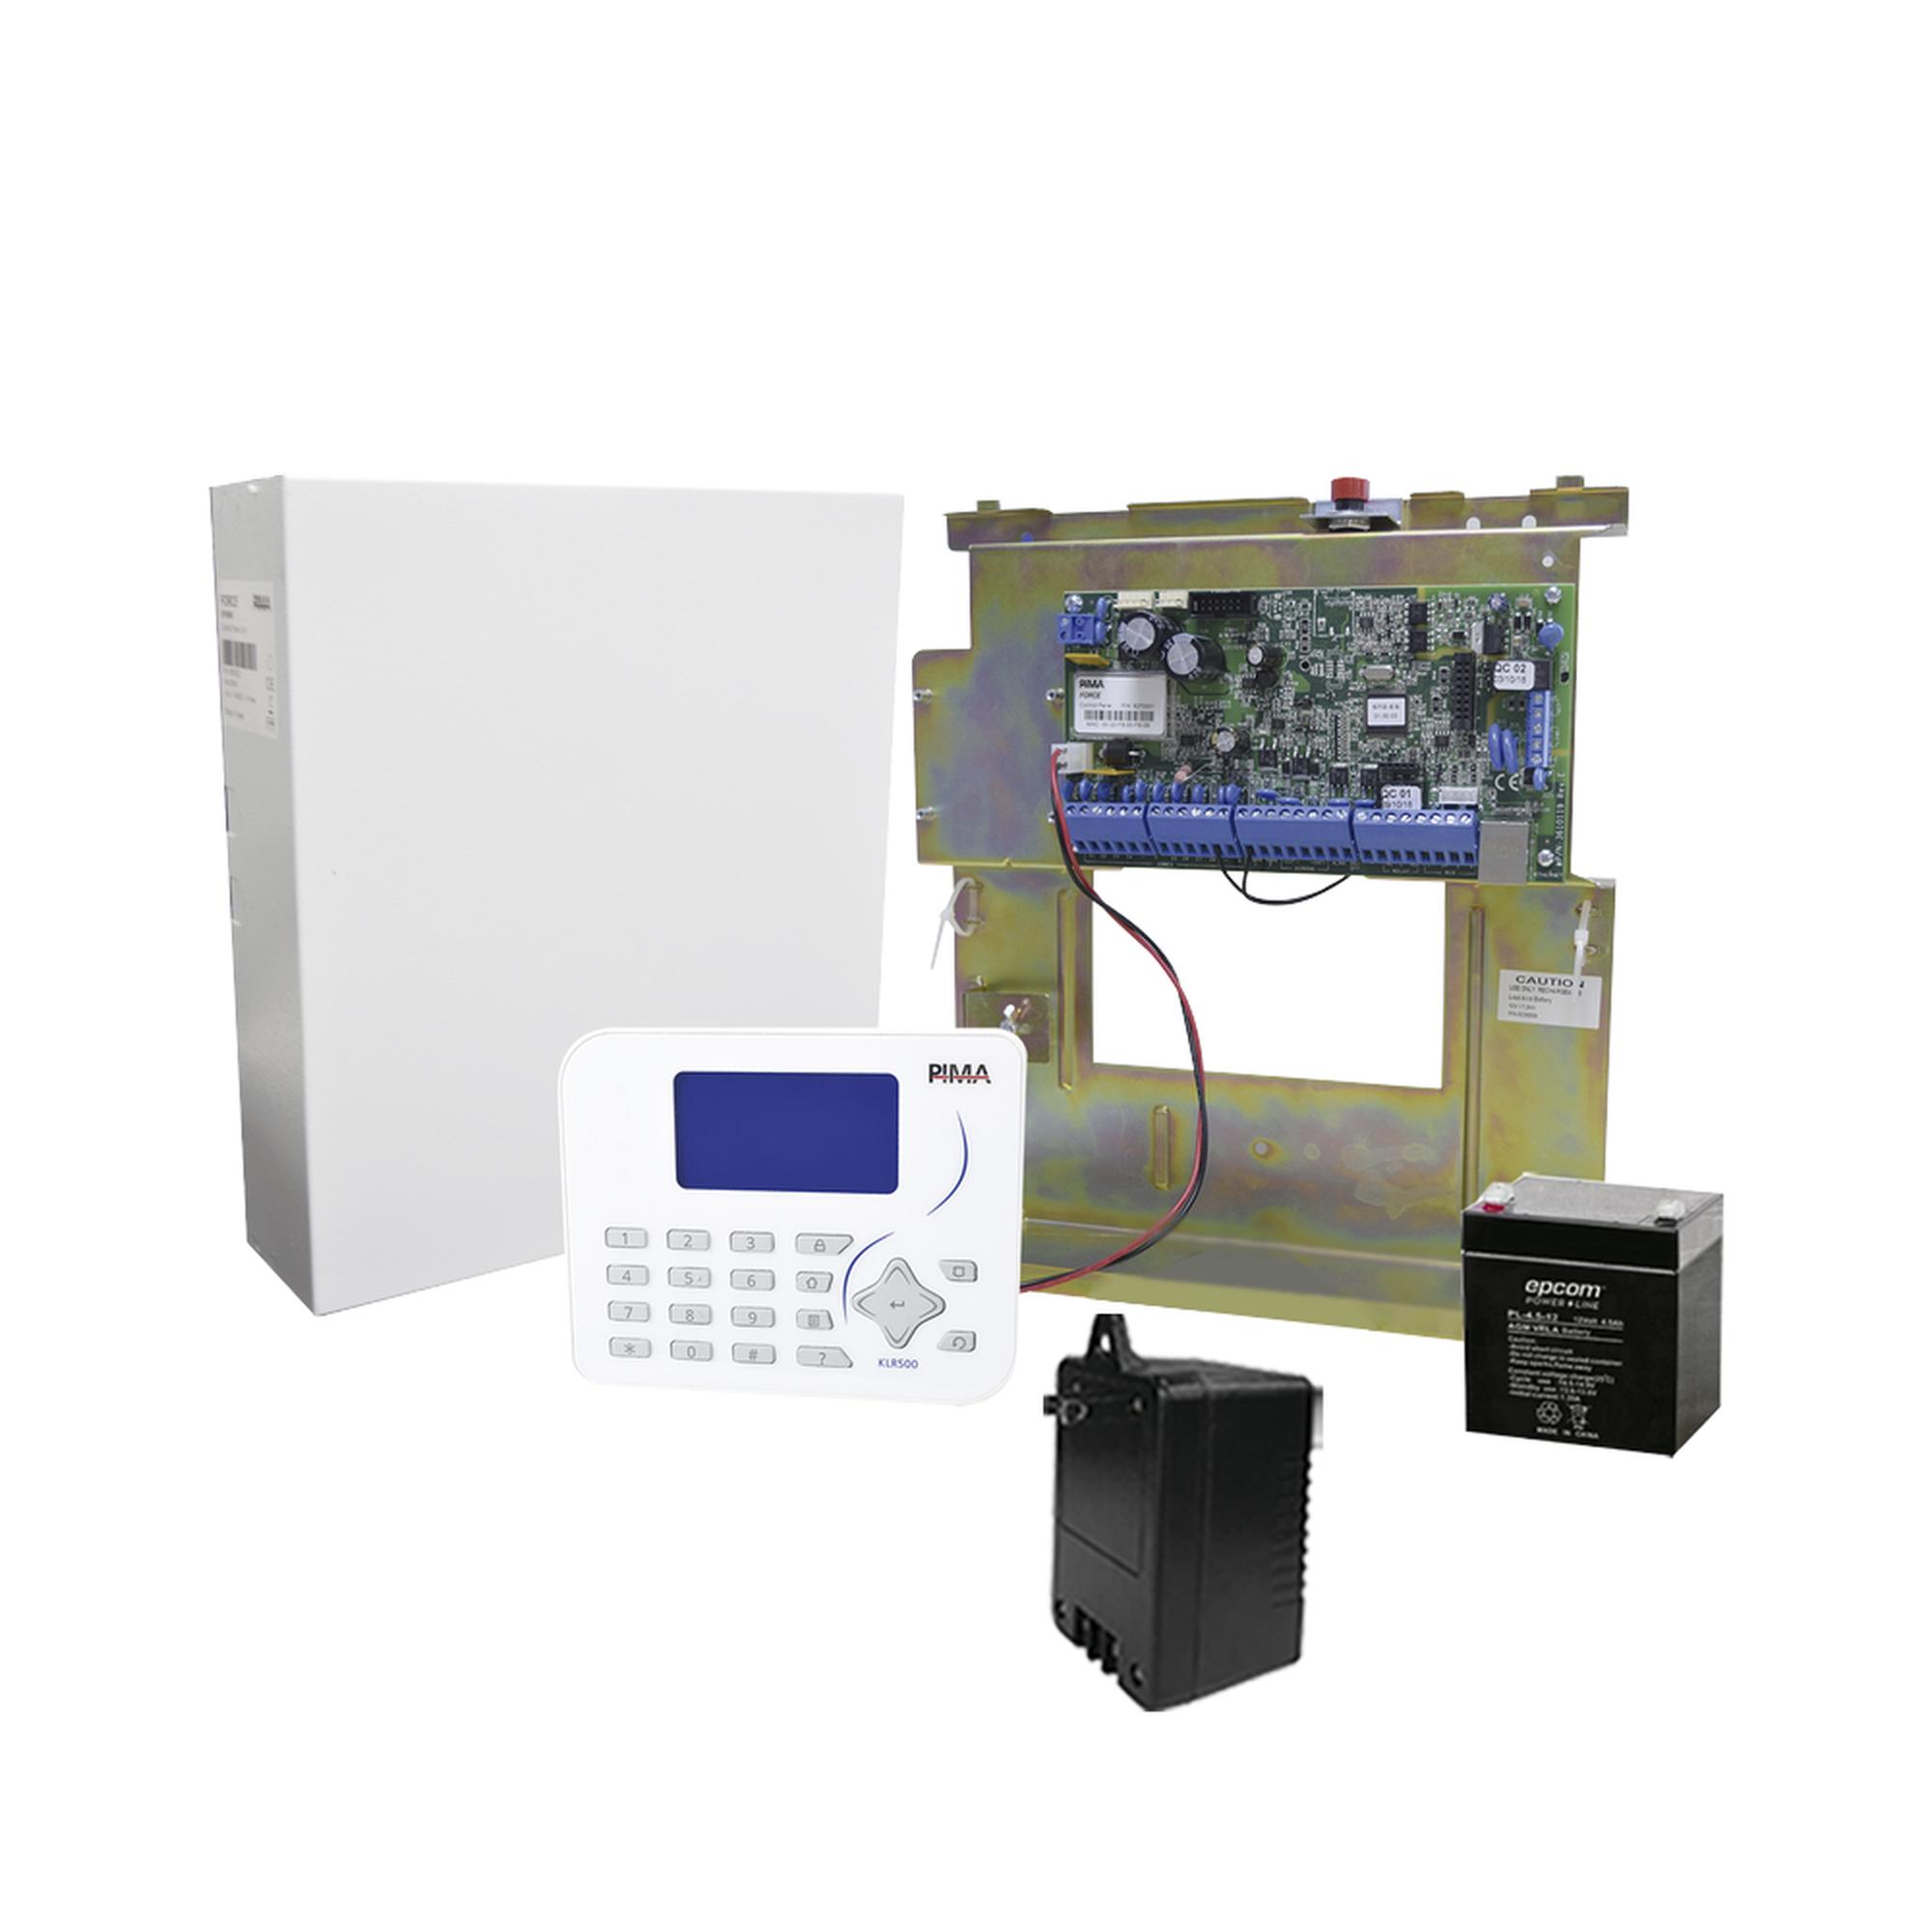 Sistema de Alarma, Panel Hibrido 8 a 144 Zonas, Conexión IP con App PIMALINK2.0 ?Gratis!